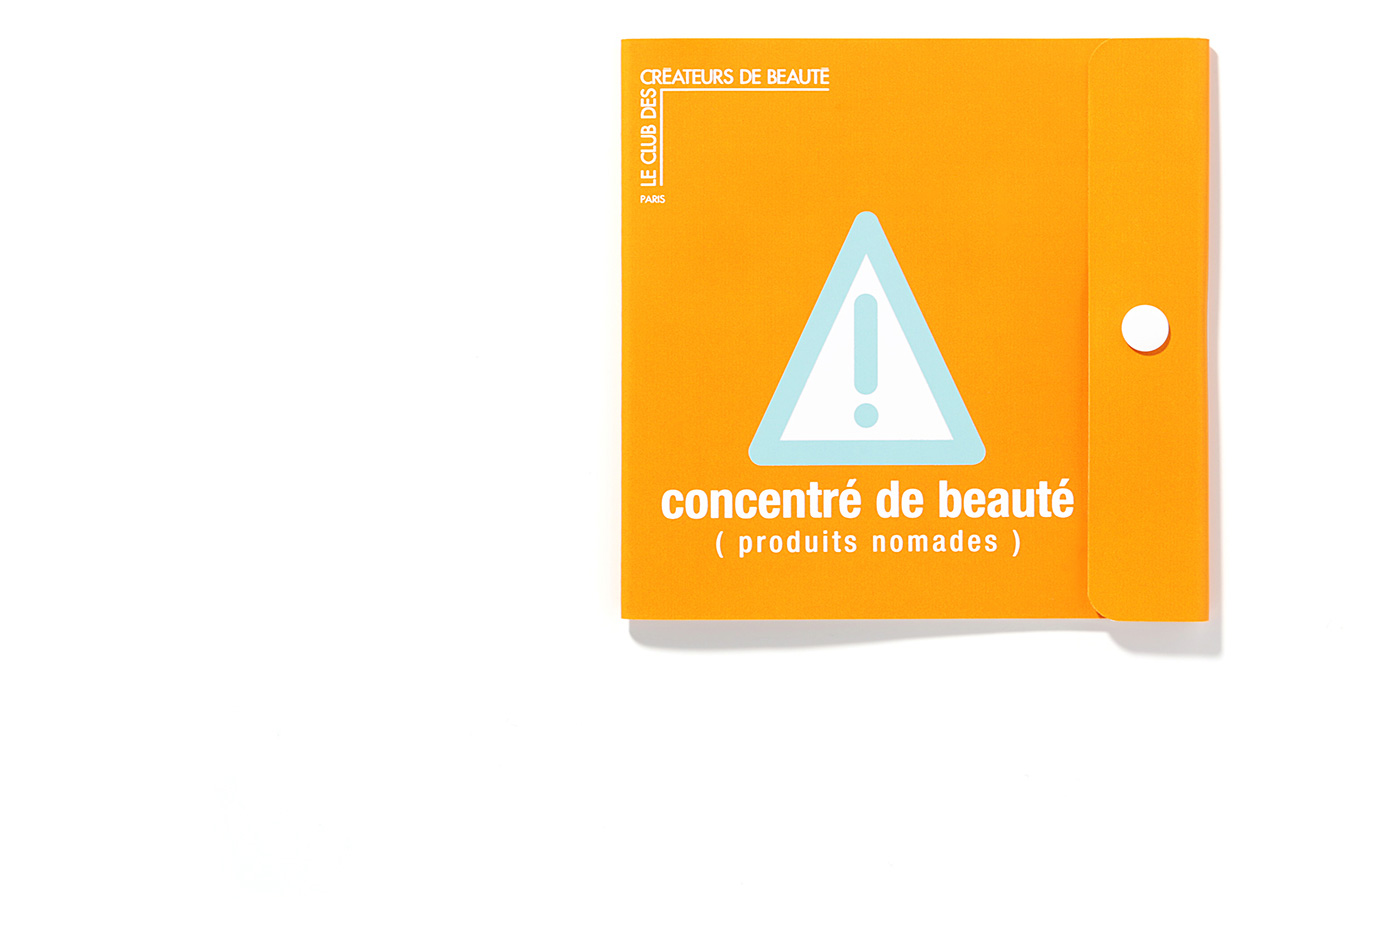 CCB-Concentre-Beaute-1-cadre-opti-eleve copie